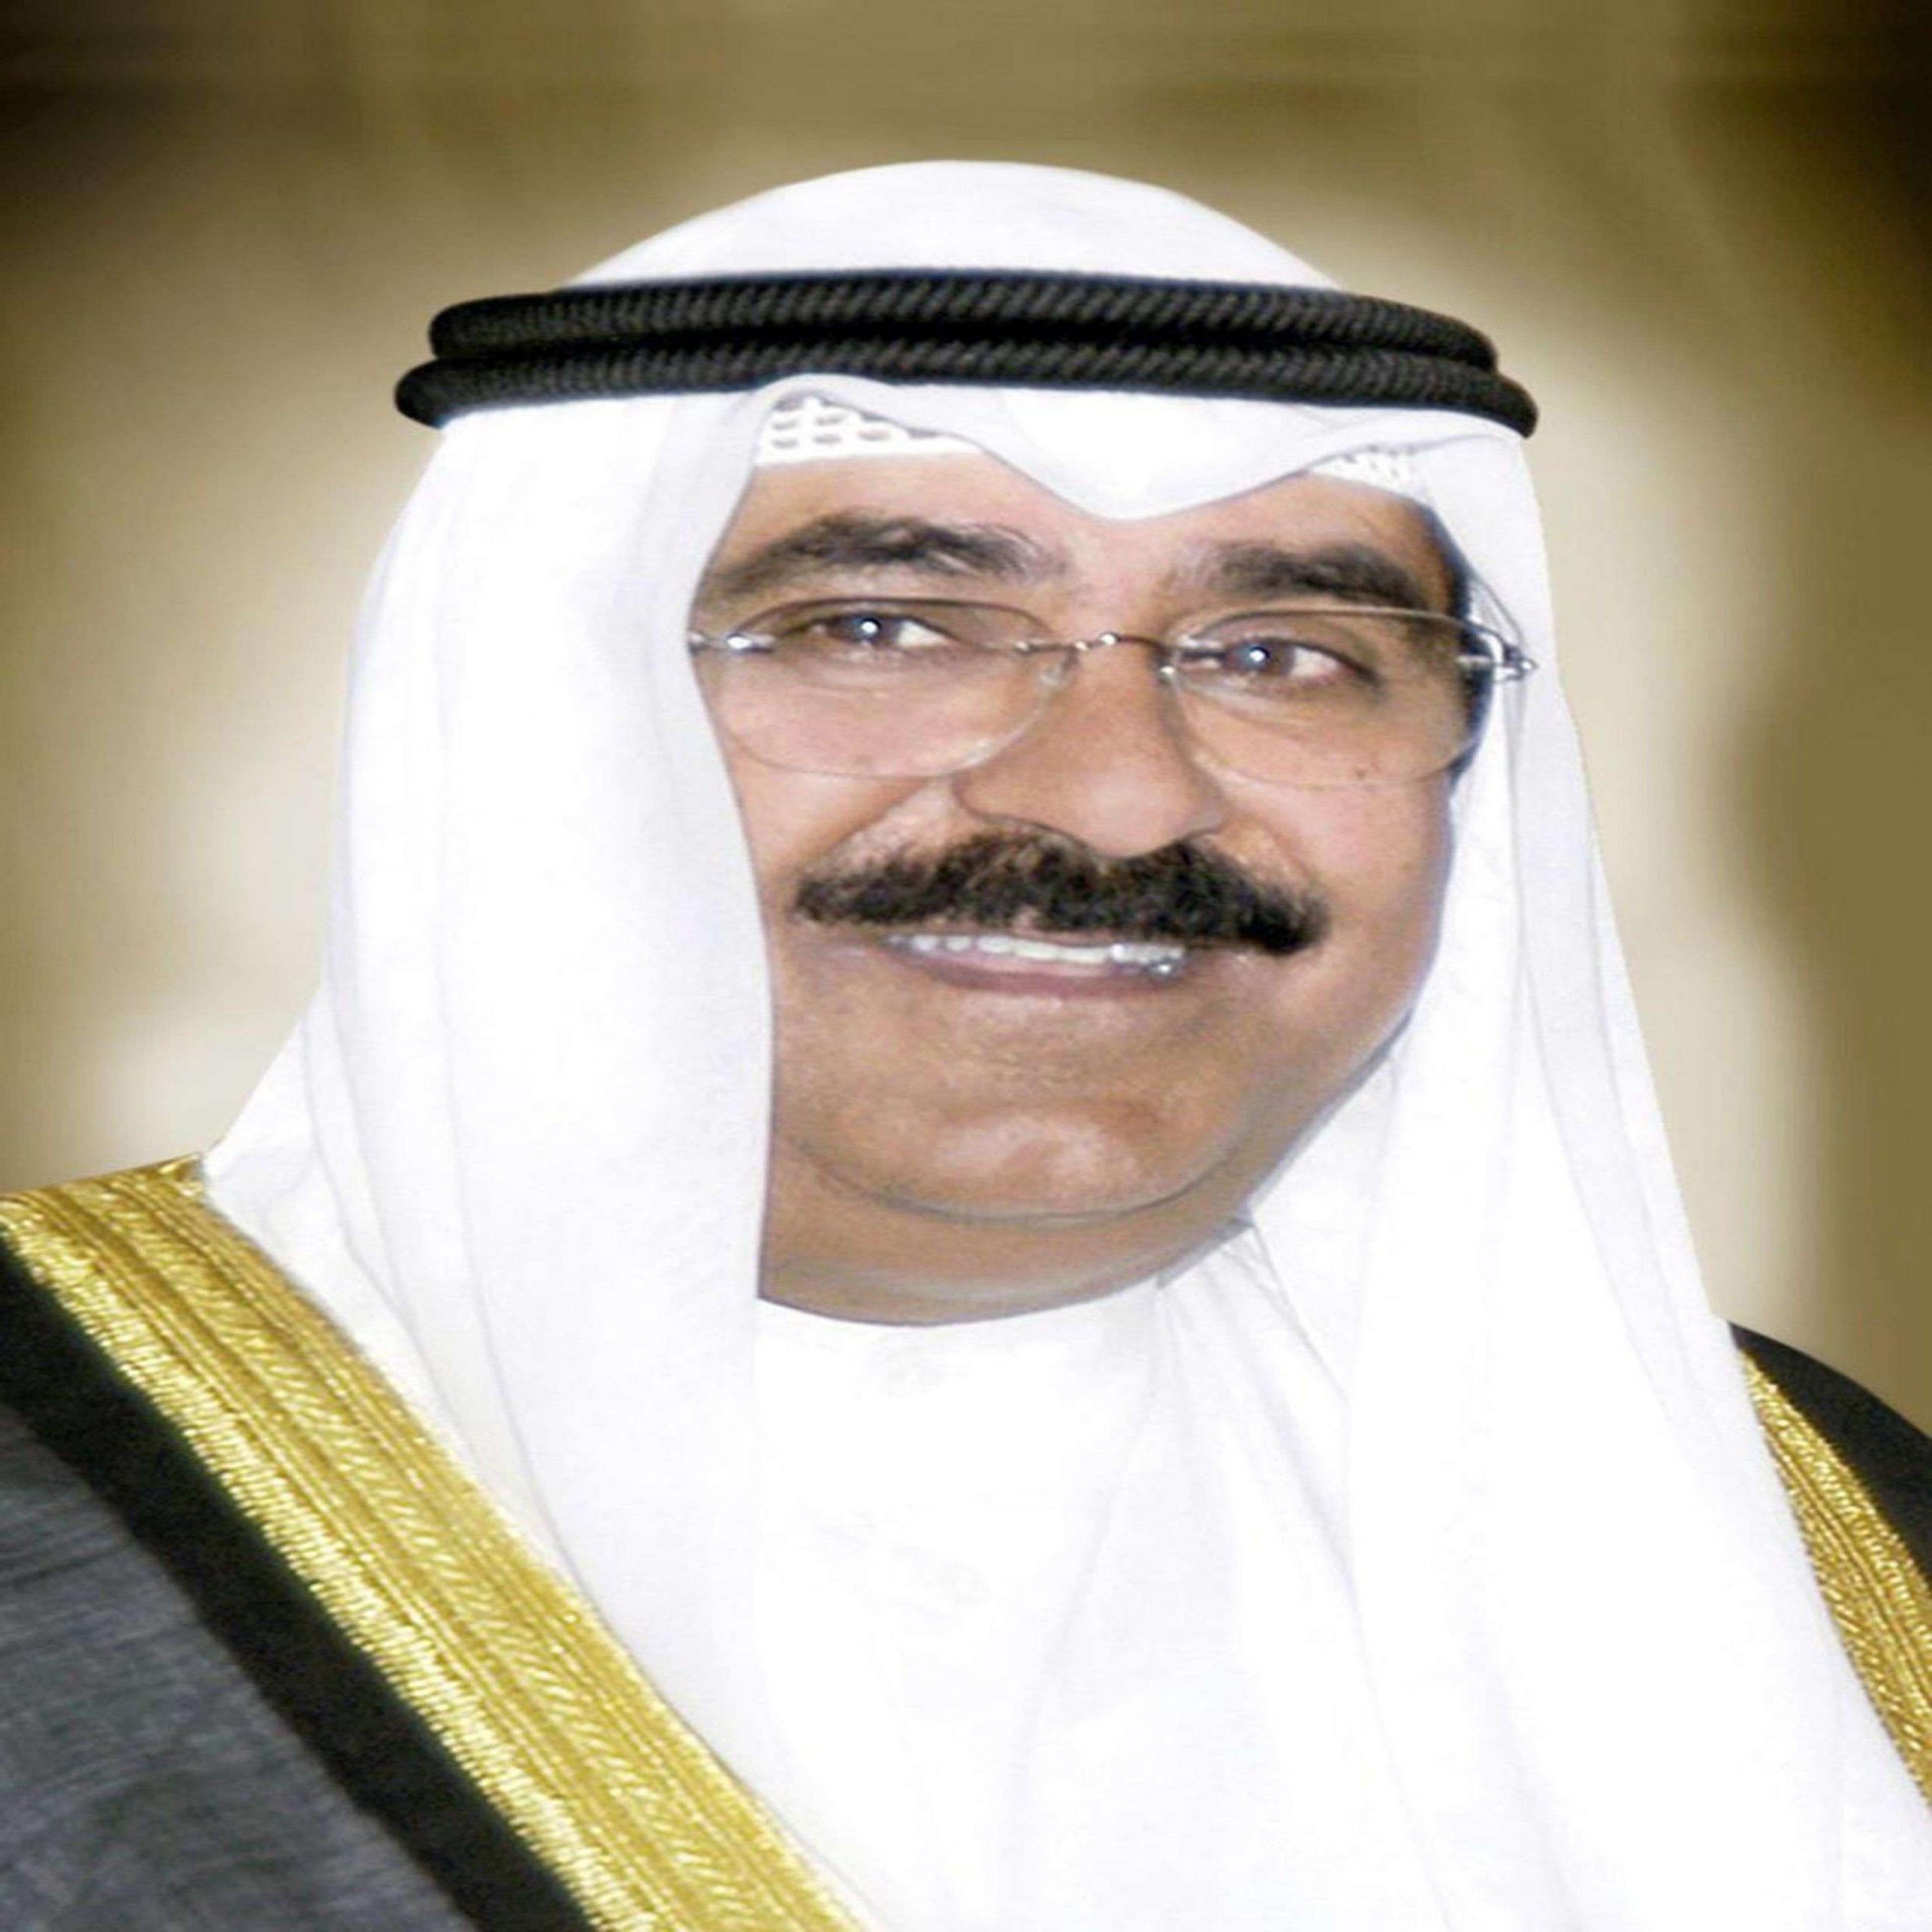 السيرة الذاتية للشيخ مشعل الأحمد الصباح ولي عهد الكويت الجديد